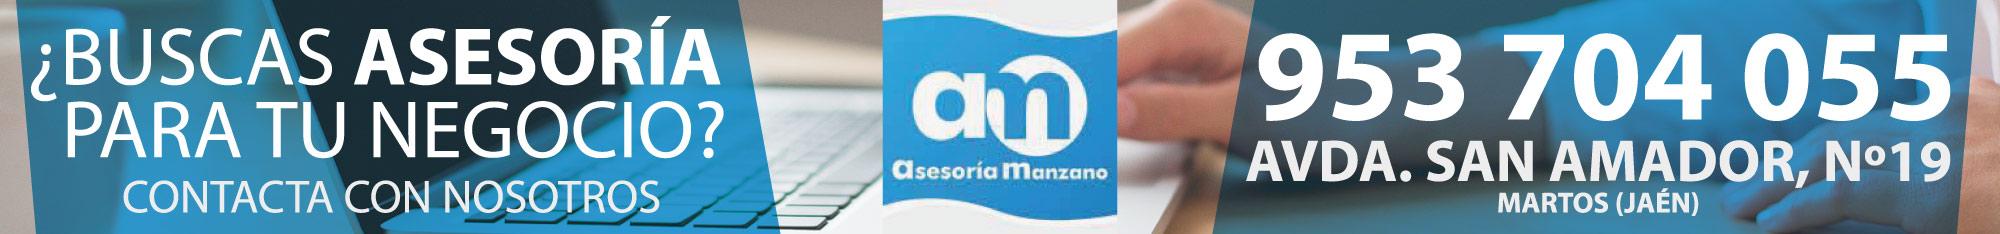 Asesoría Manzano